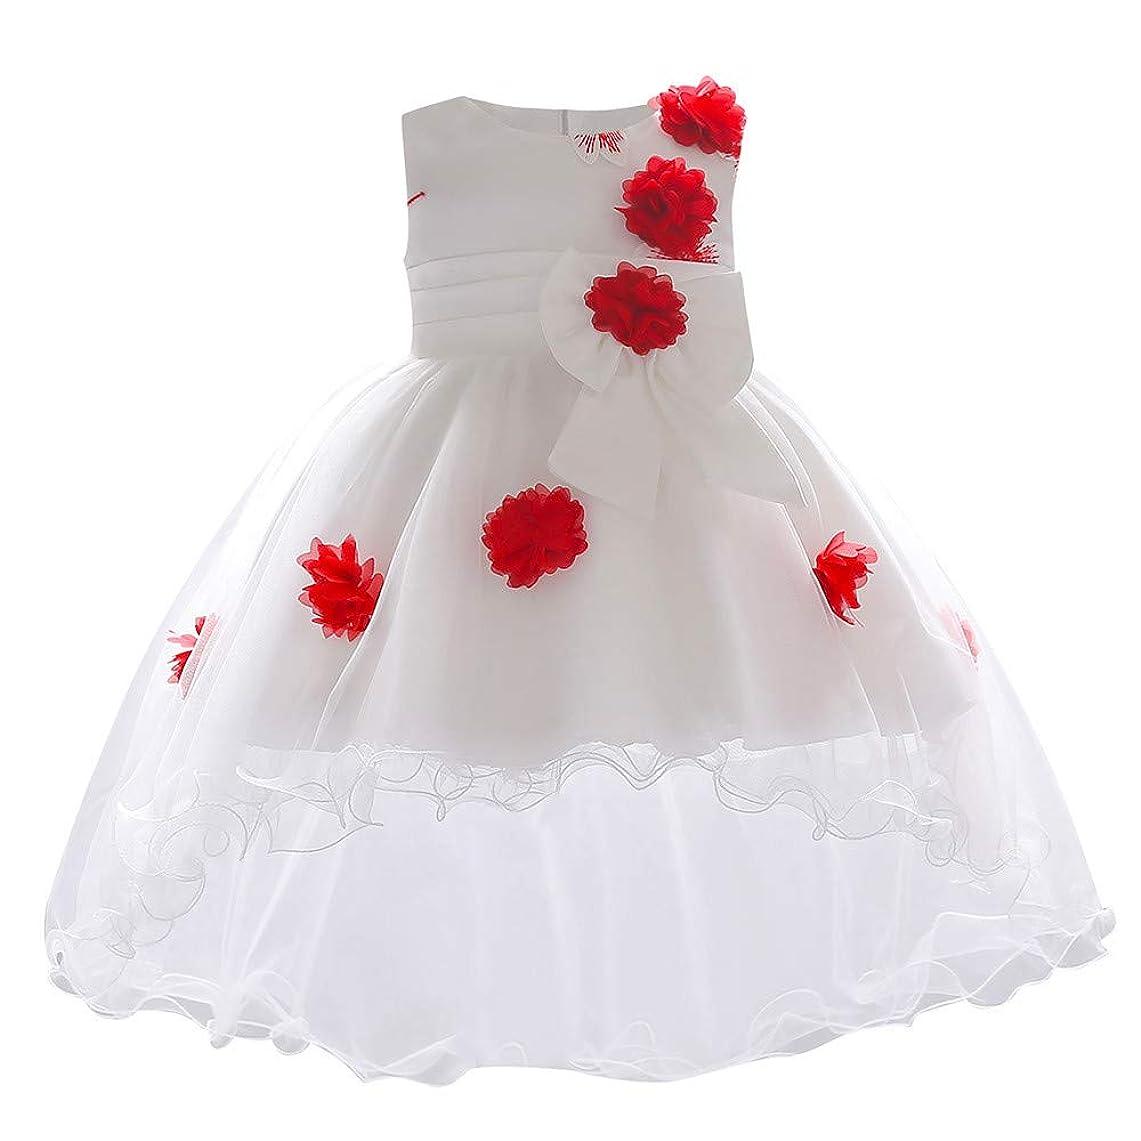 トレイ不利益層Mhomzawa ドレス 女の子 結婚式 発表会 披露宴 フォーマルドレス ガールズ アシンメトリードレス 子供 キッズ ワンピース